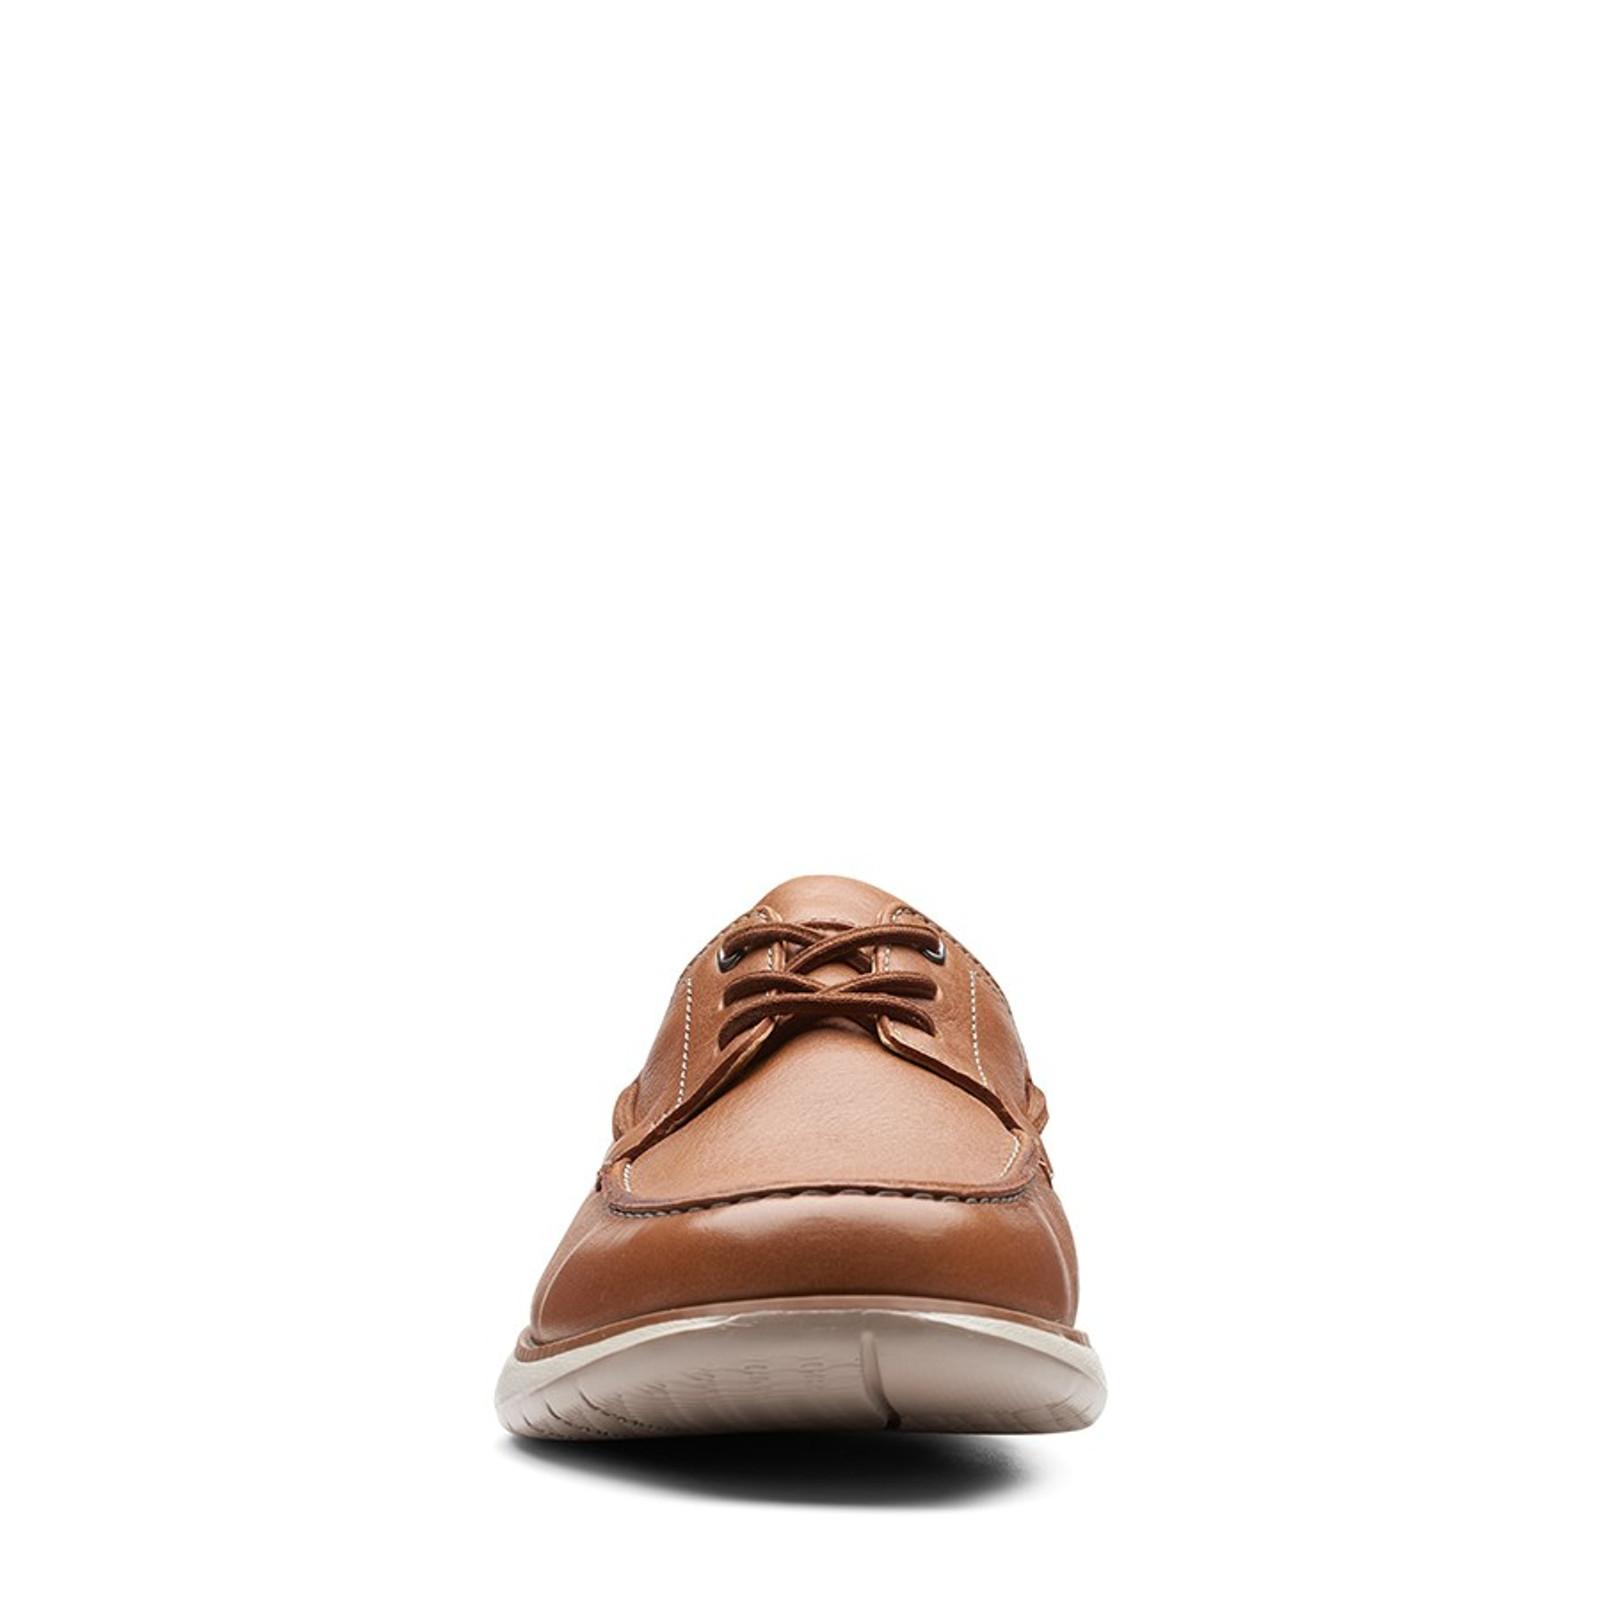 Clarks Mens UN PILOT LACE Tan Leather